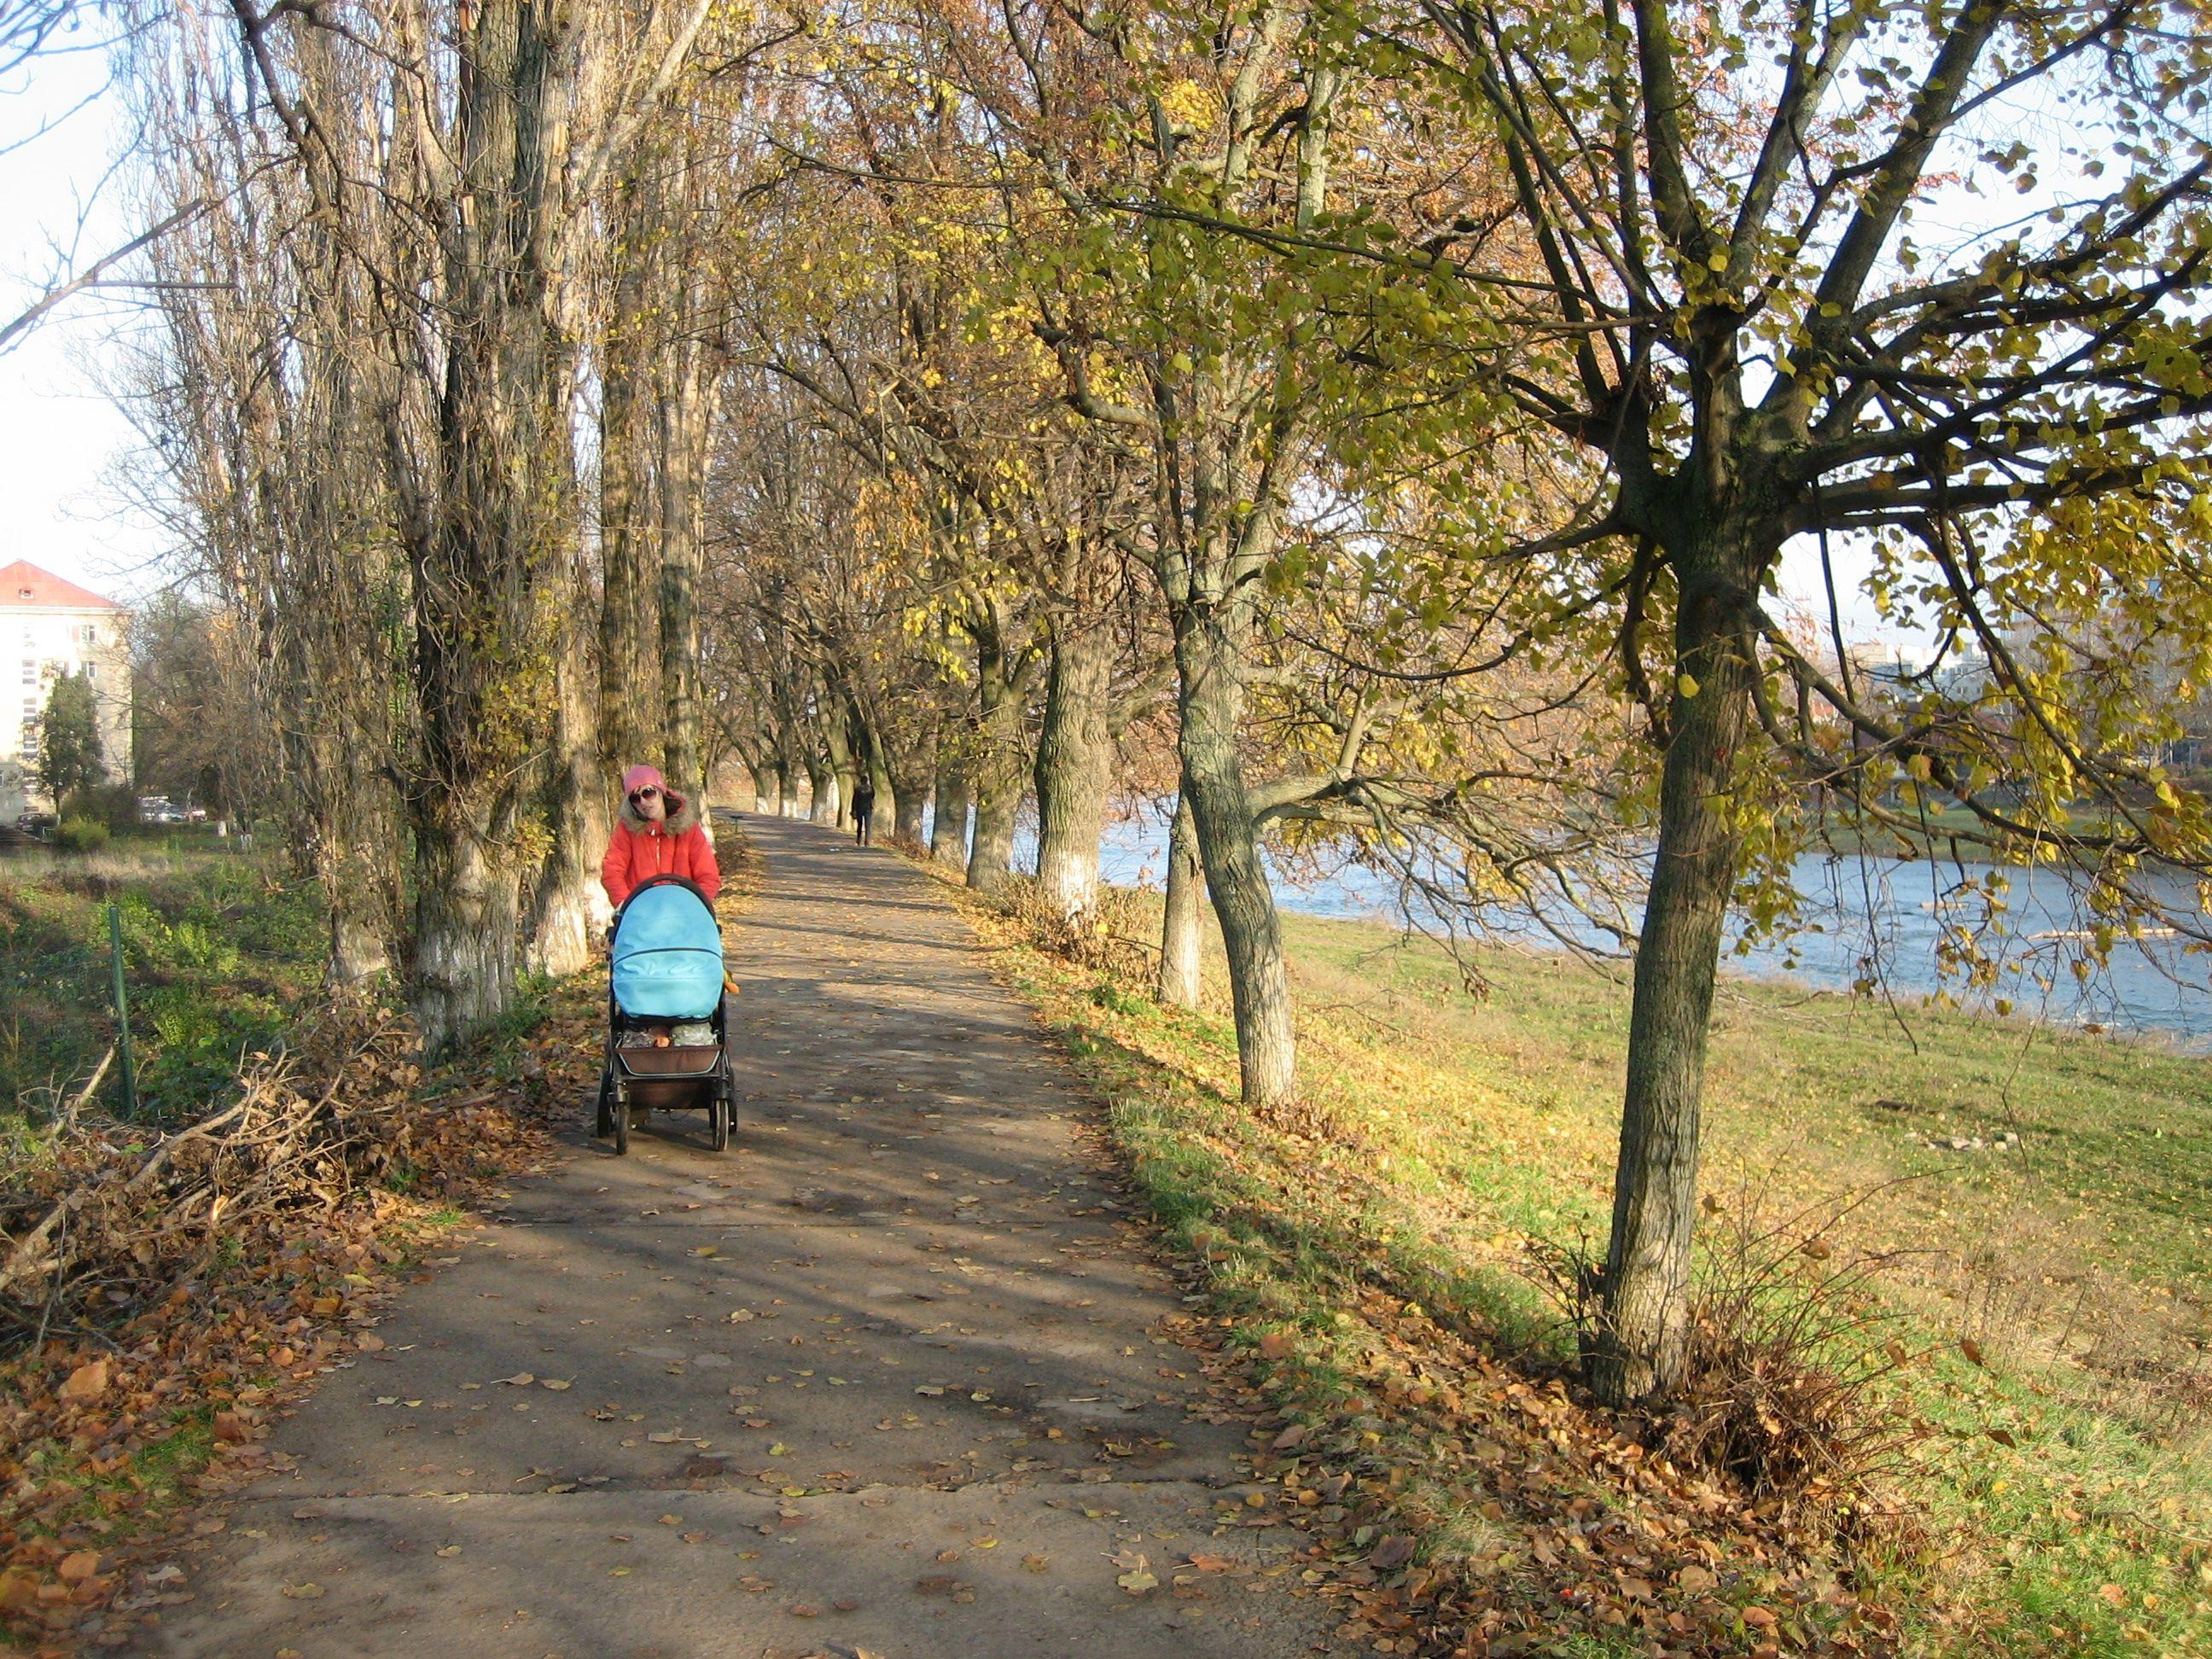 Липовая аллея - одна из достопримечательностей Ужгорода